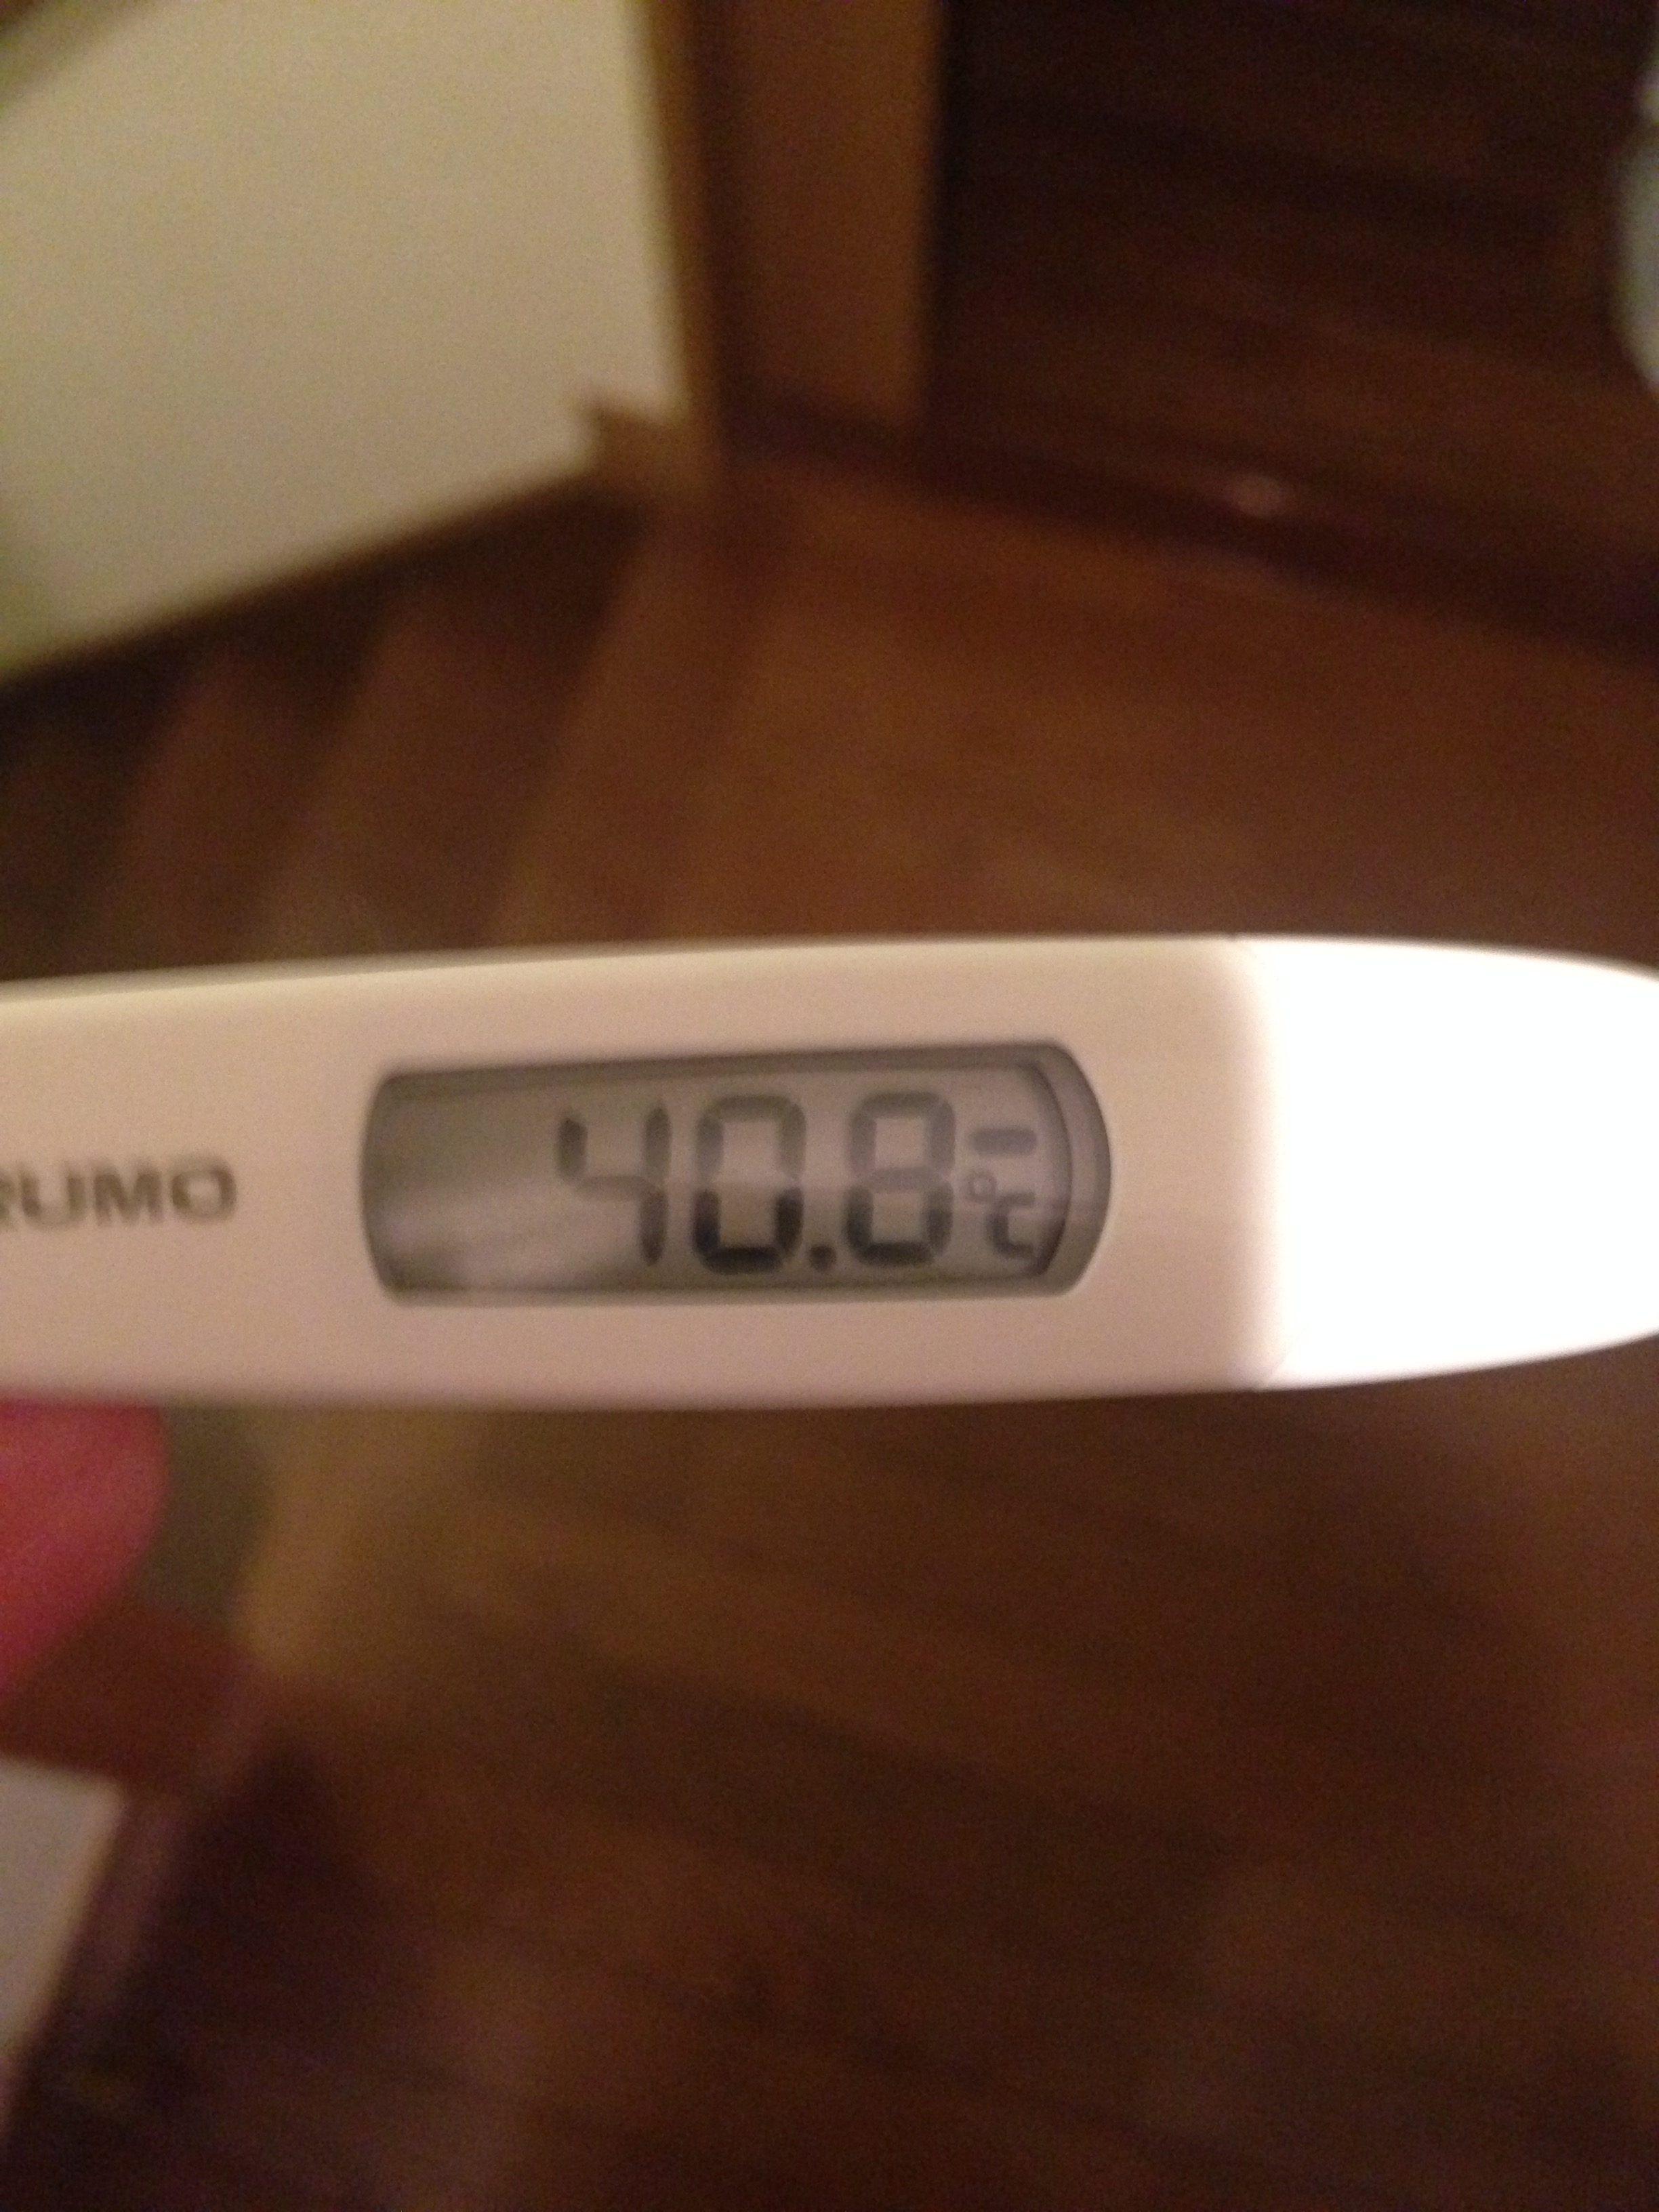 高熱 体温計写真